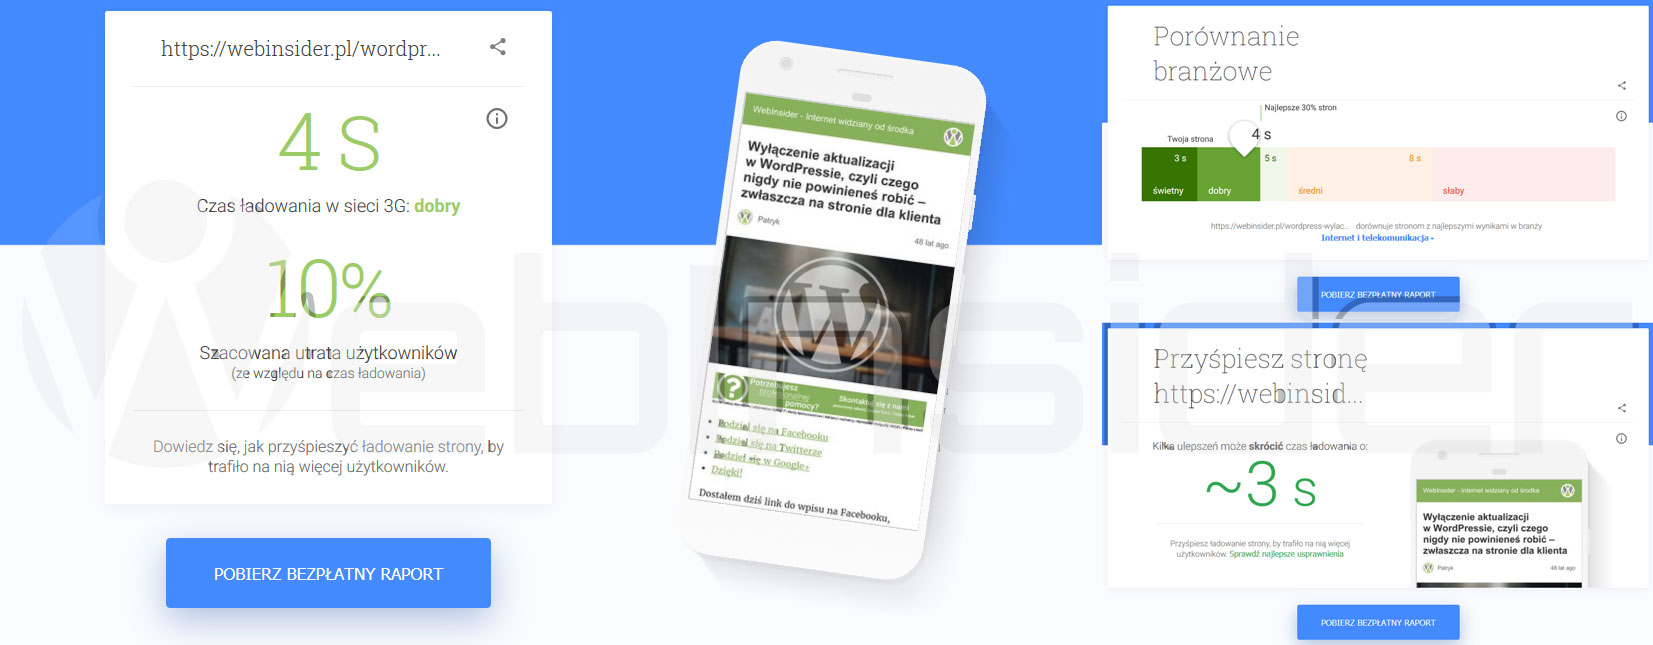 Test My Site (with Google), czyli przetestuj szybkość i